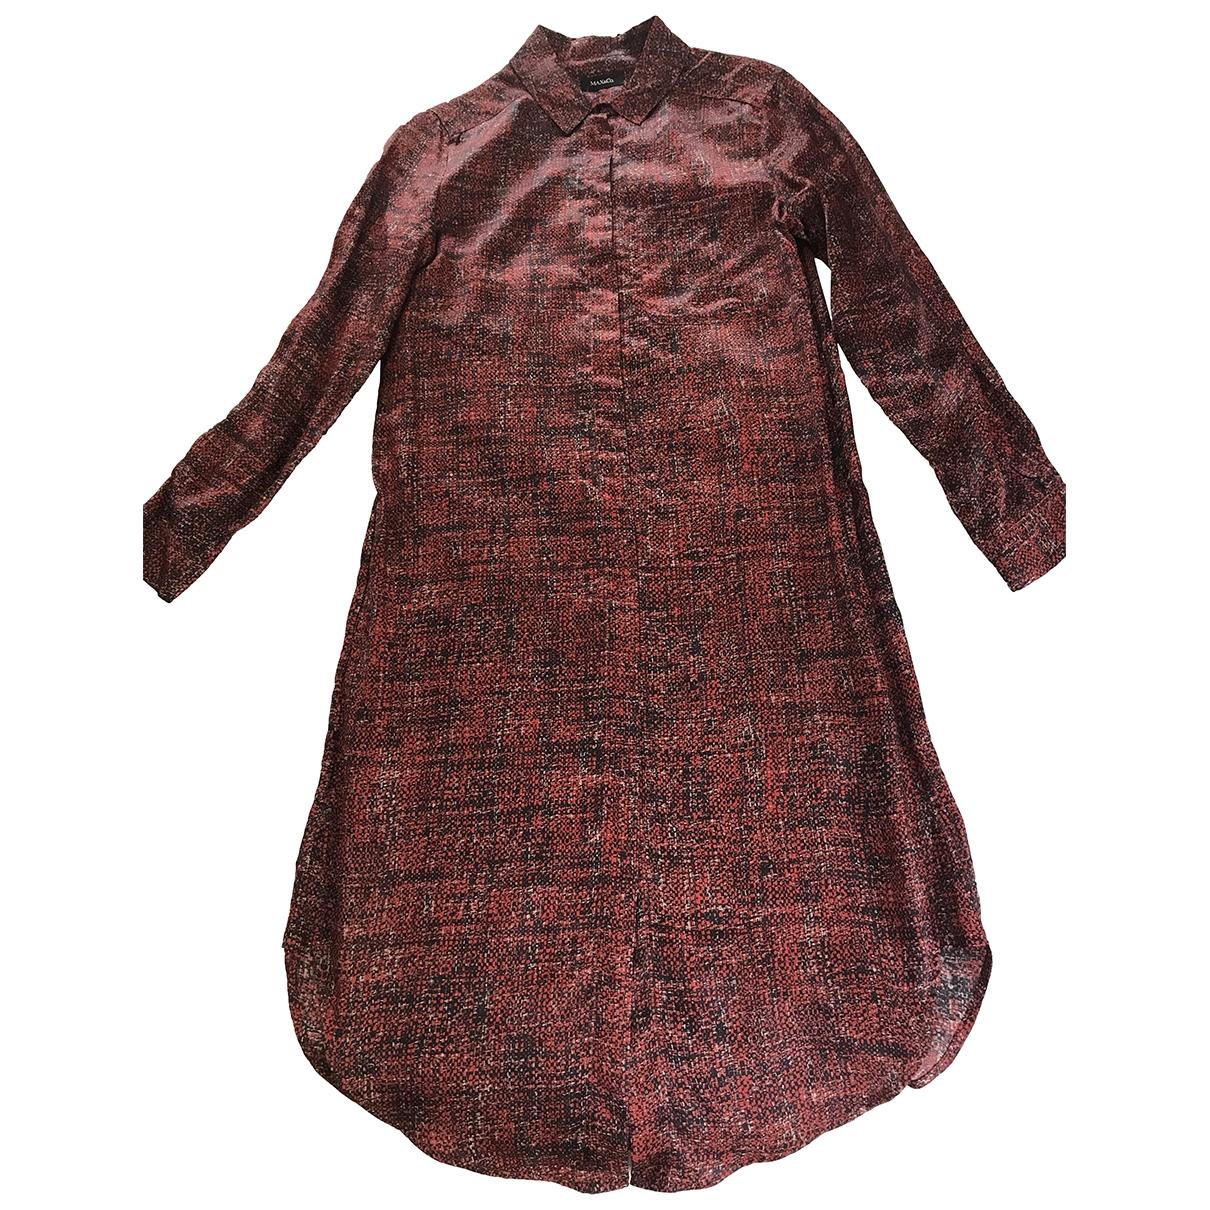 Max & Co \N Kleid in  Bordeauxrot Viskose